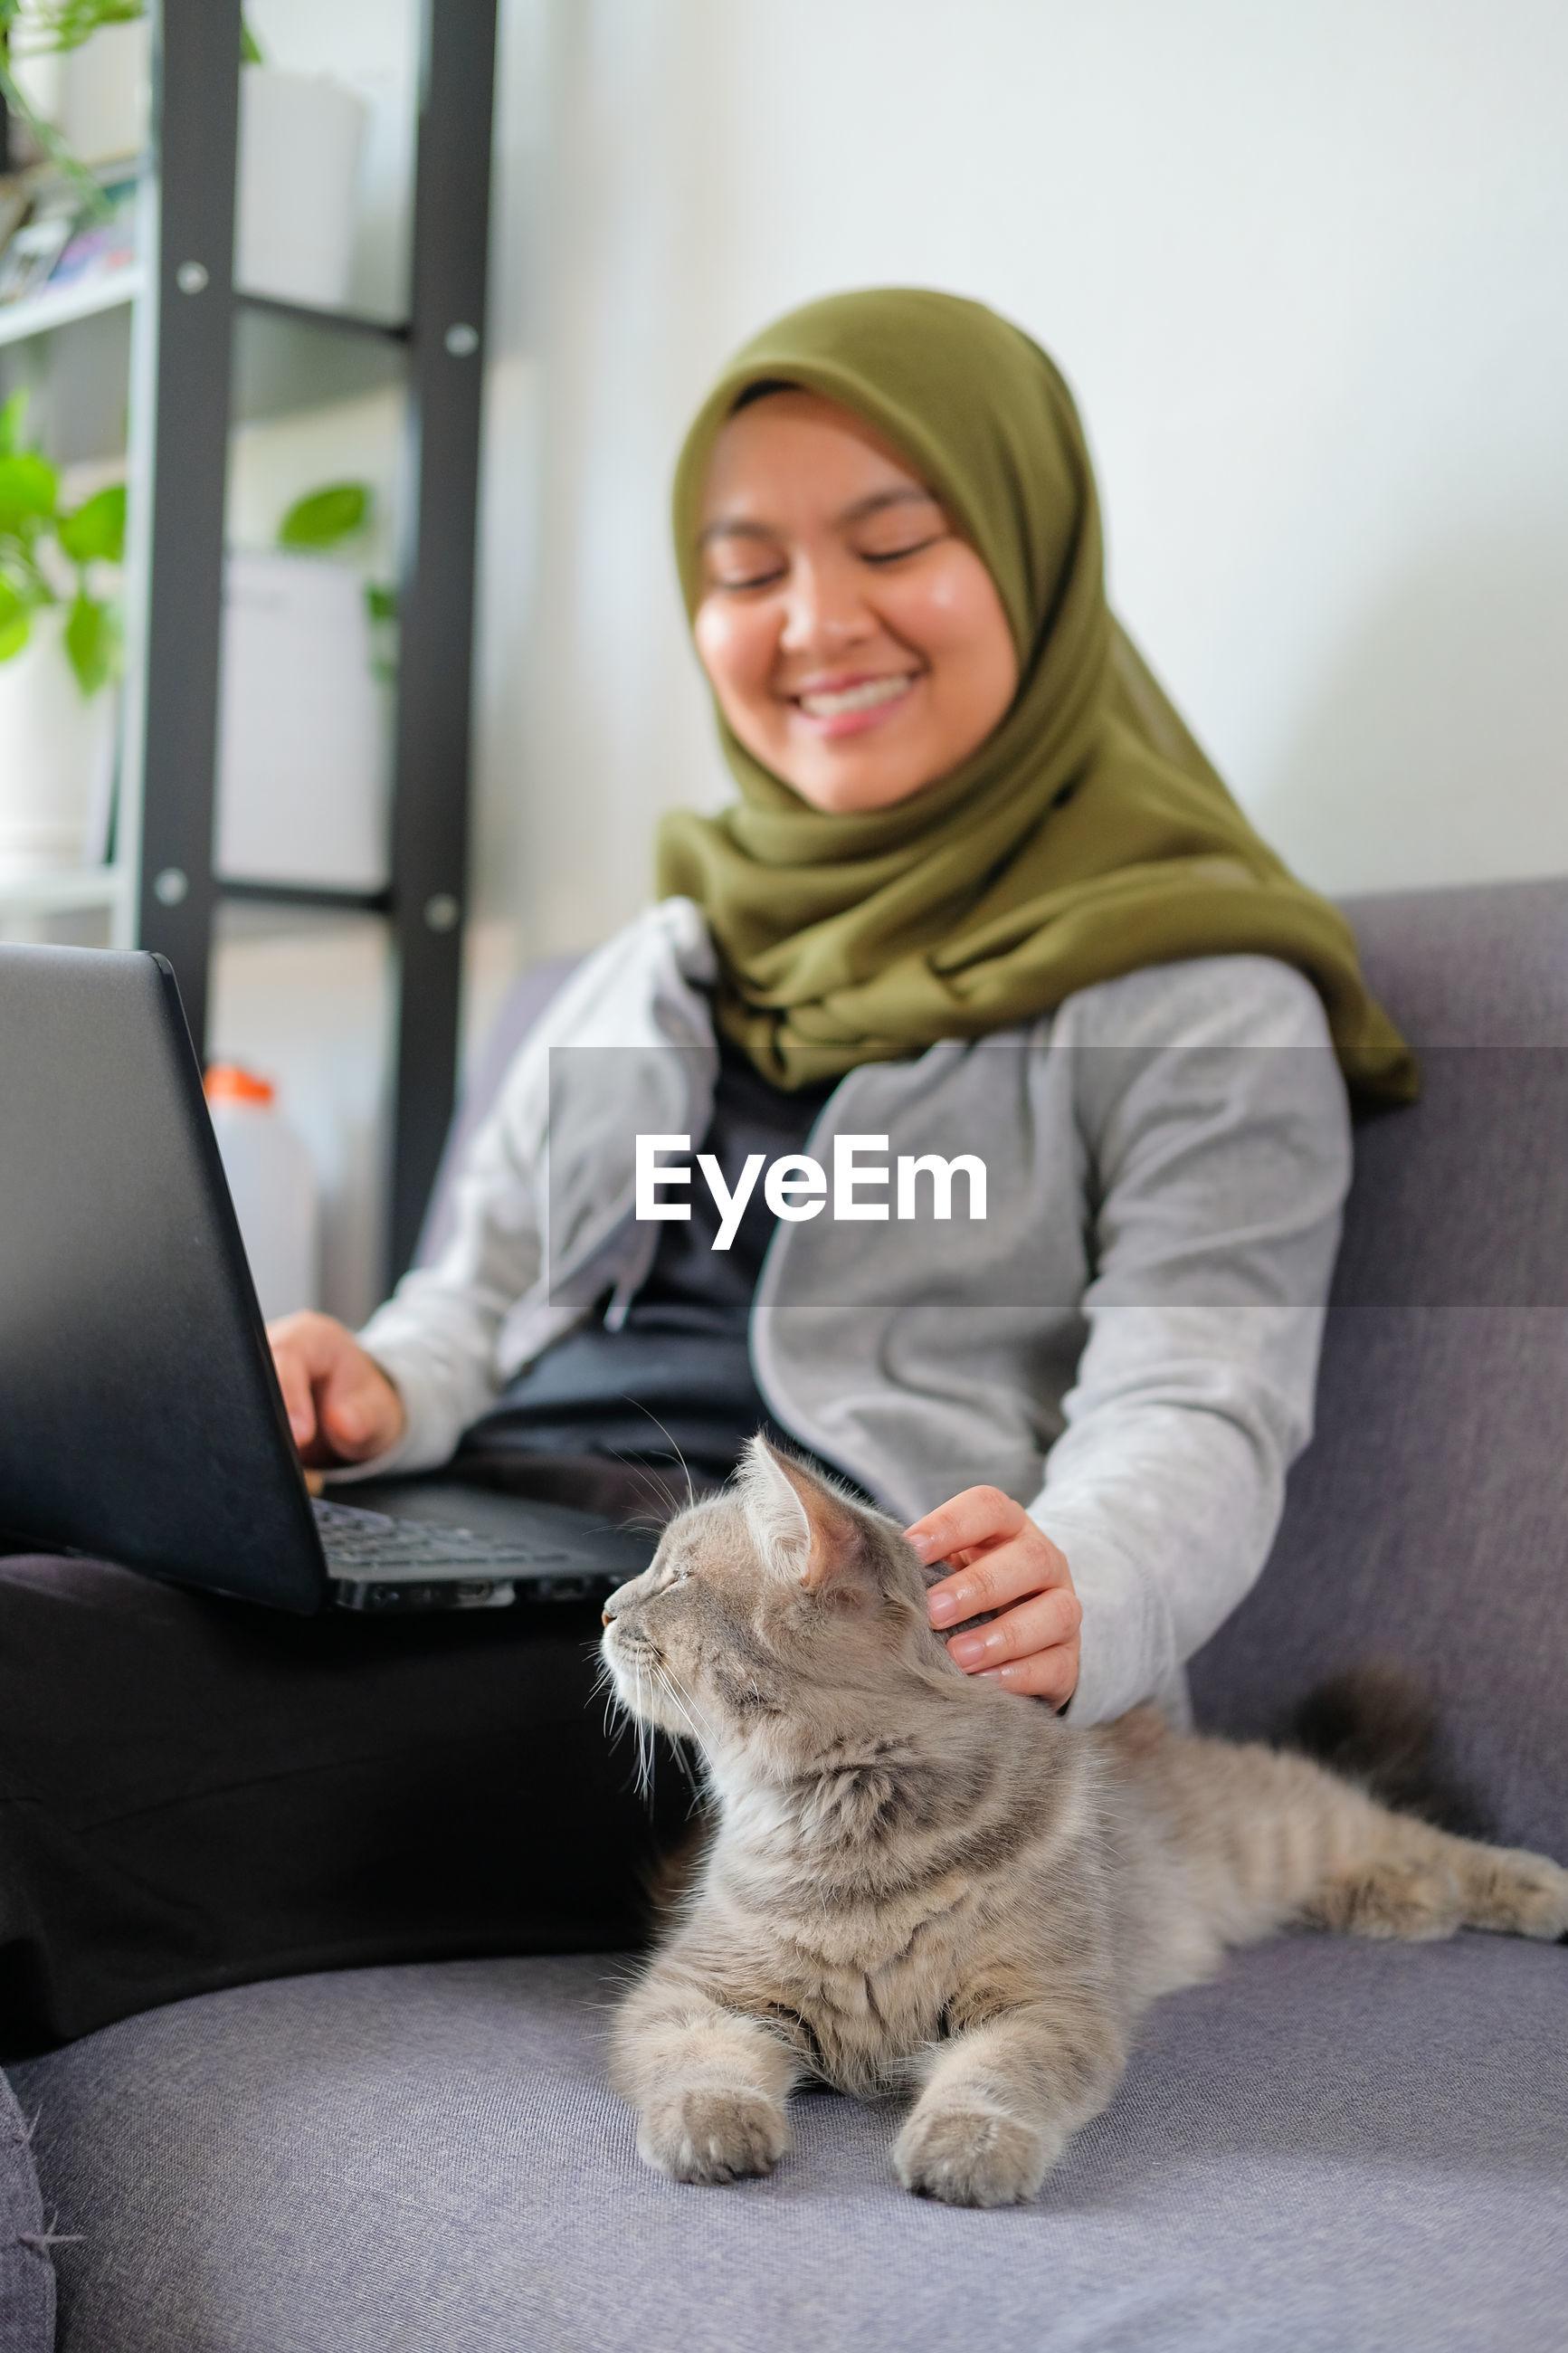 Smiling woman wearing hijab petting car while using laptop on sofa